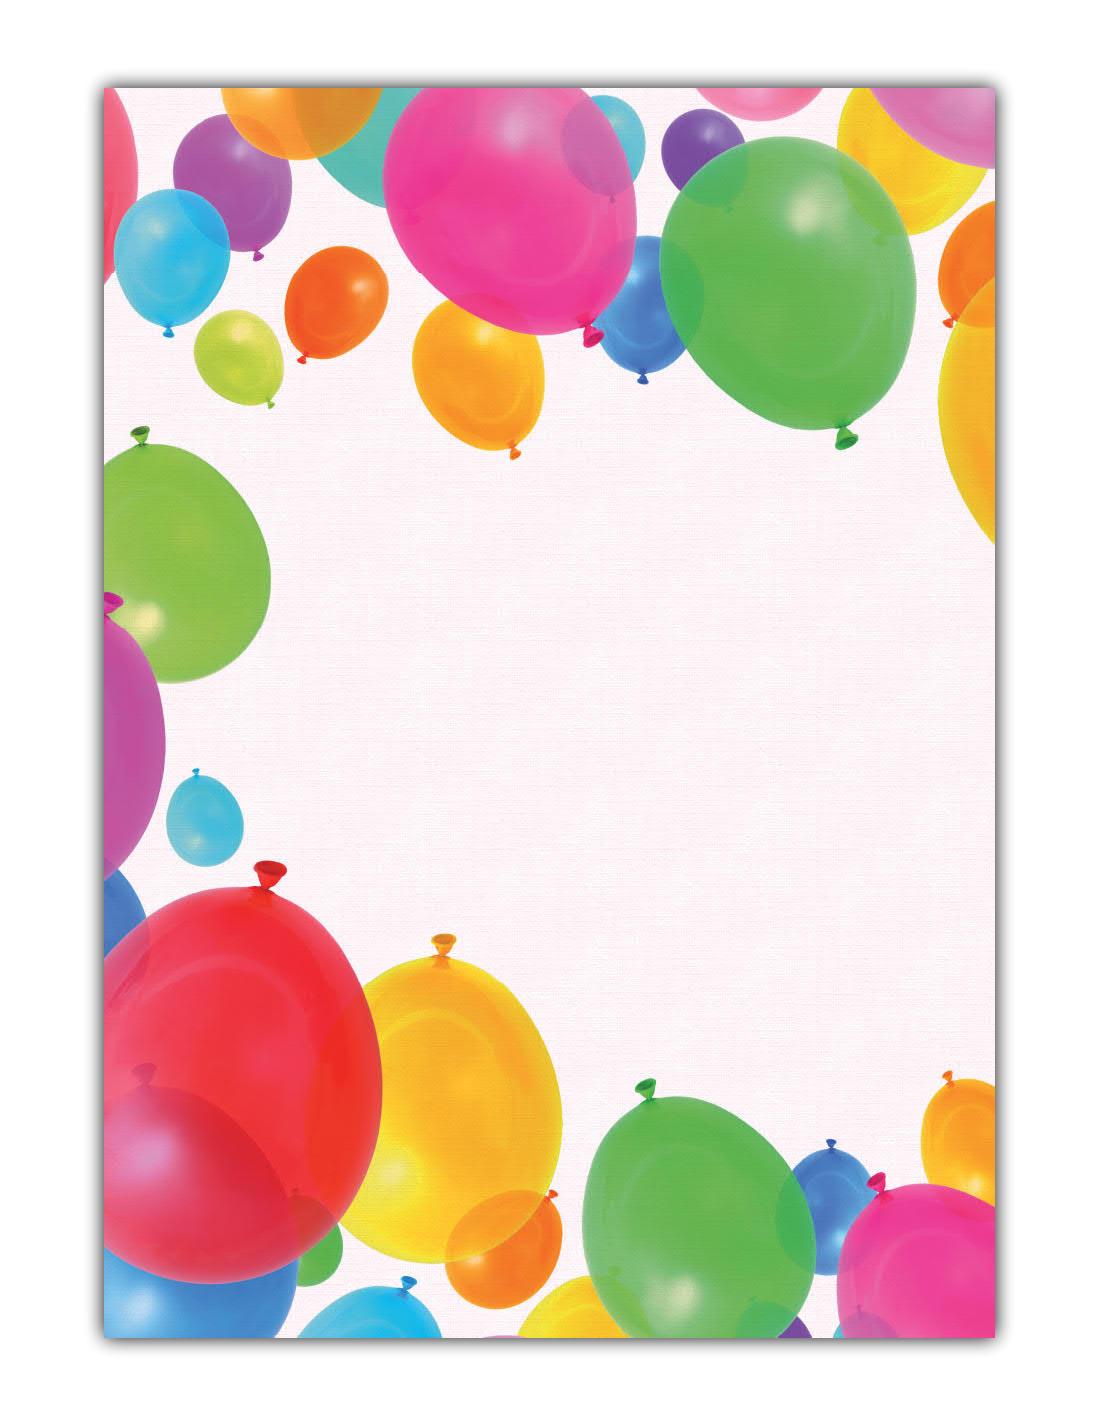 Kinder Motivpapier Briefpapier viele bunte Luftballons (MPA-5205, DIN A4, 100 Blatt)